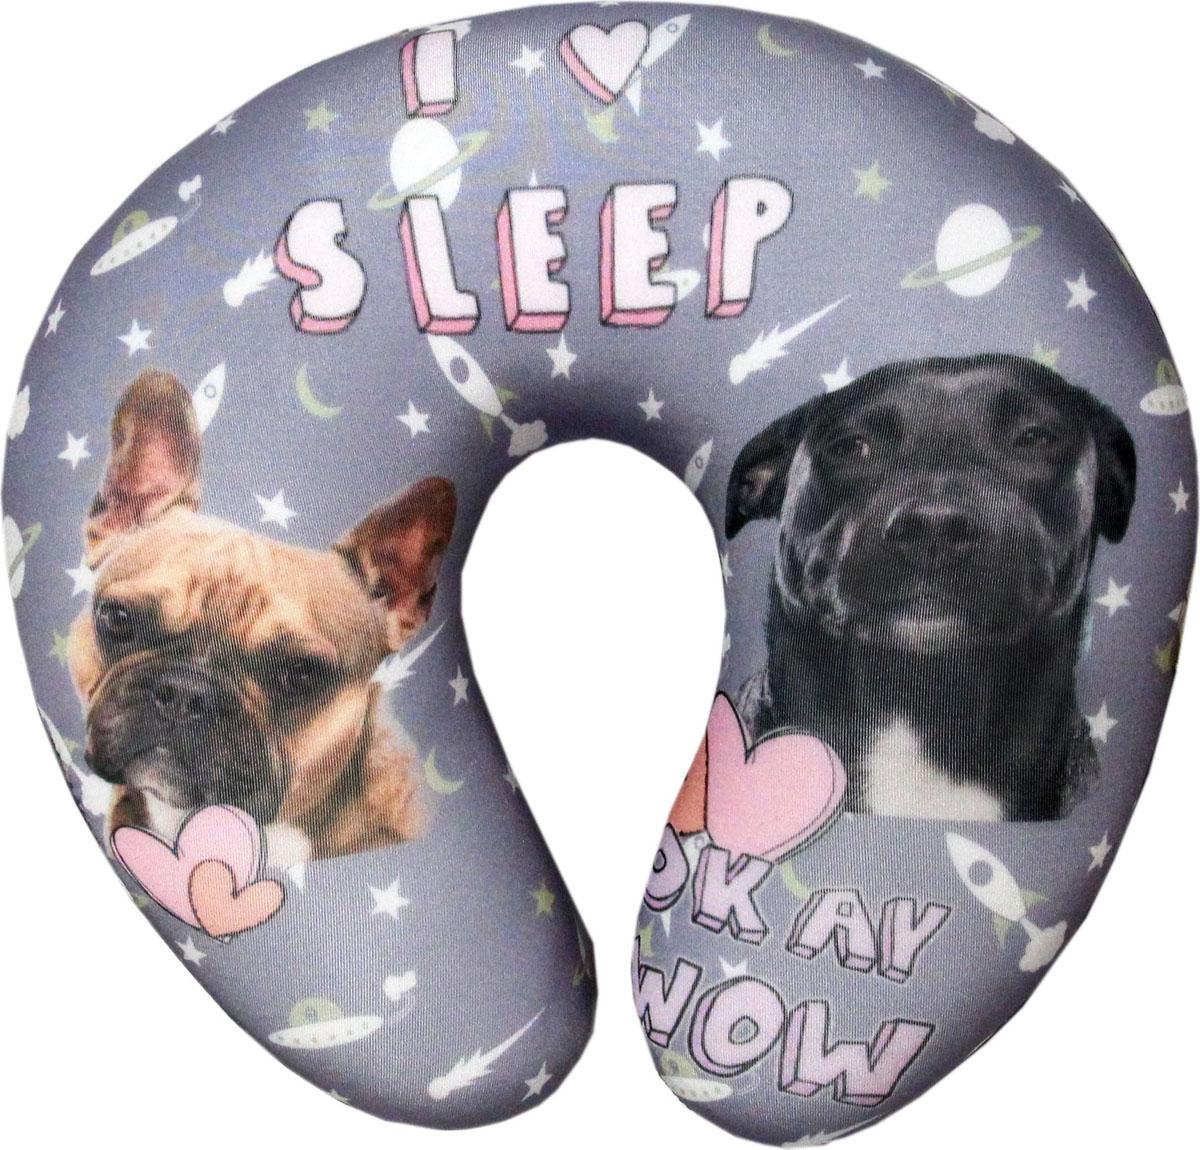 Подушка-антистресс для шеи Собаки пара, цвет: серый, 30 х 27 см подушка антистресс для шеи армейский 30 х 27 см 16асп32ив 1